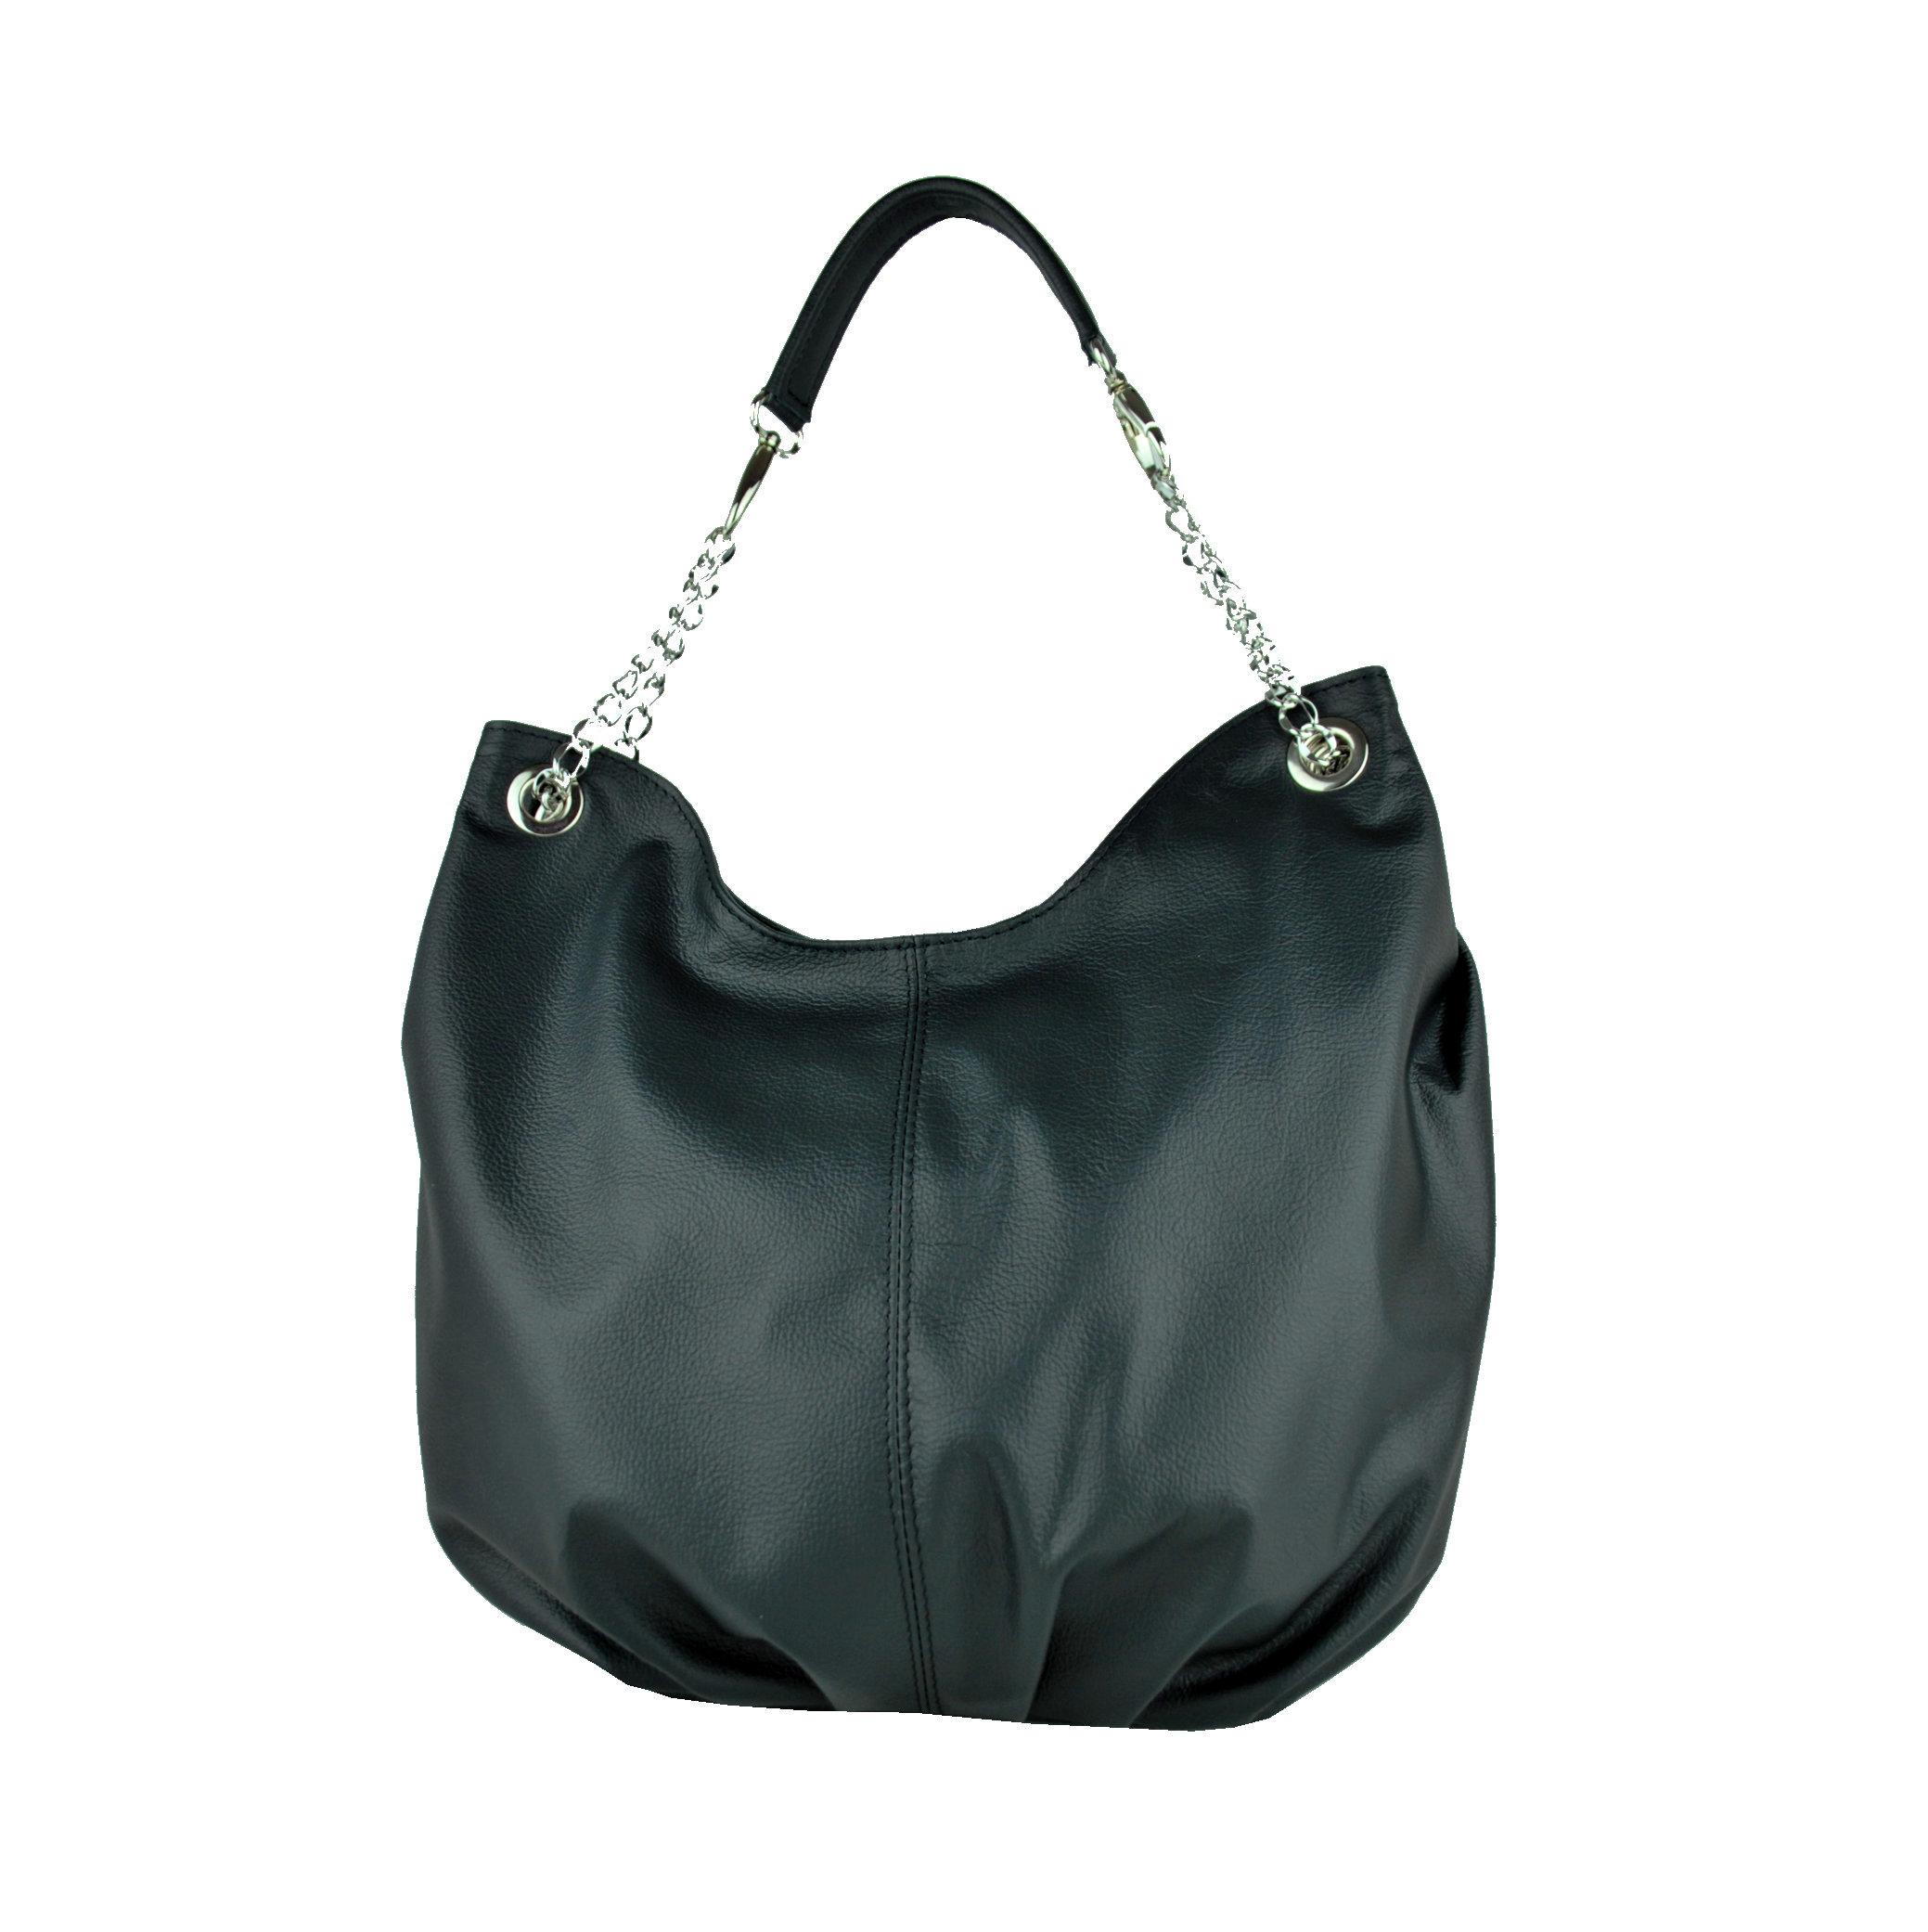 735ad1226d Dámska štýlová kožená kabelka v čiernej farbe (2)